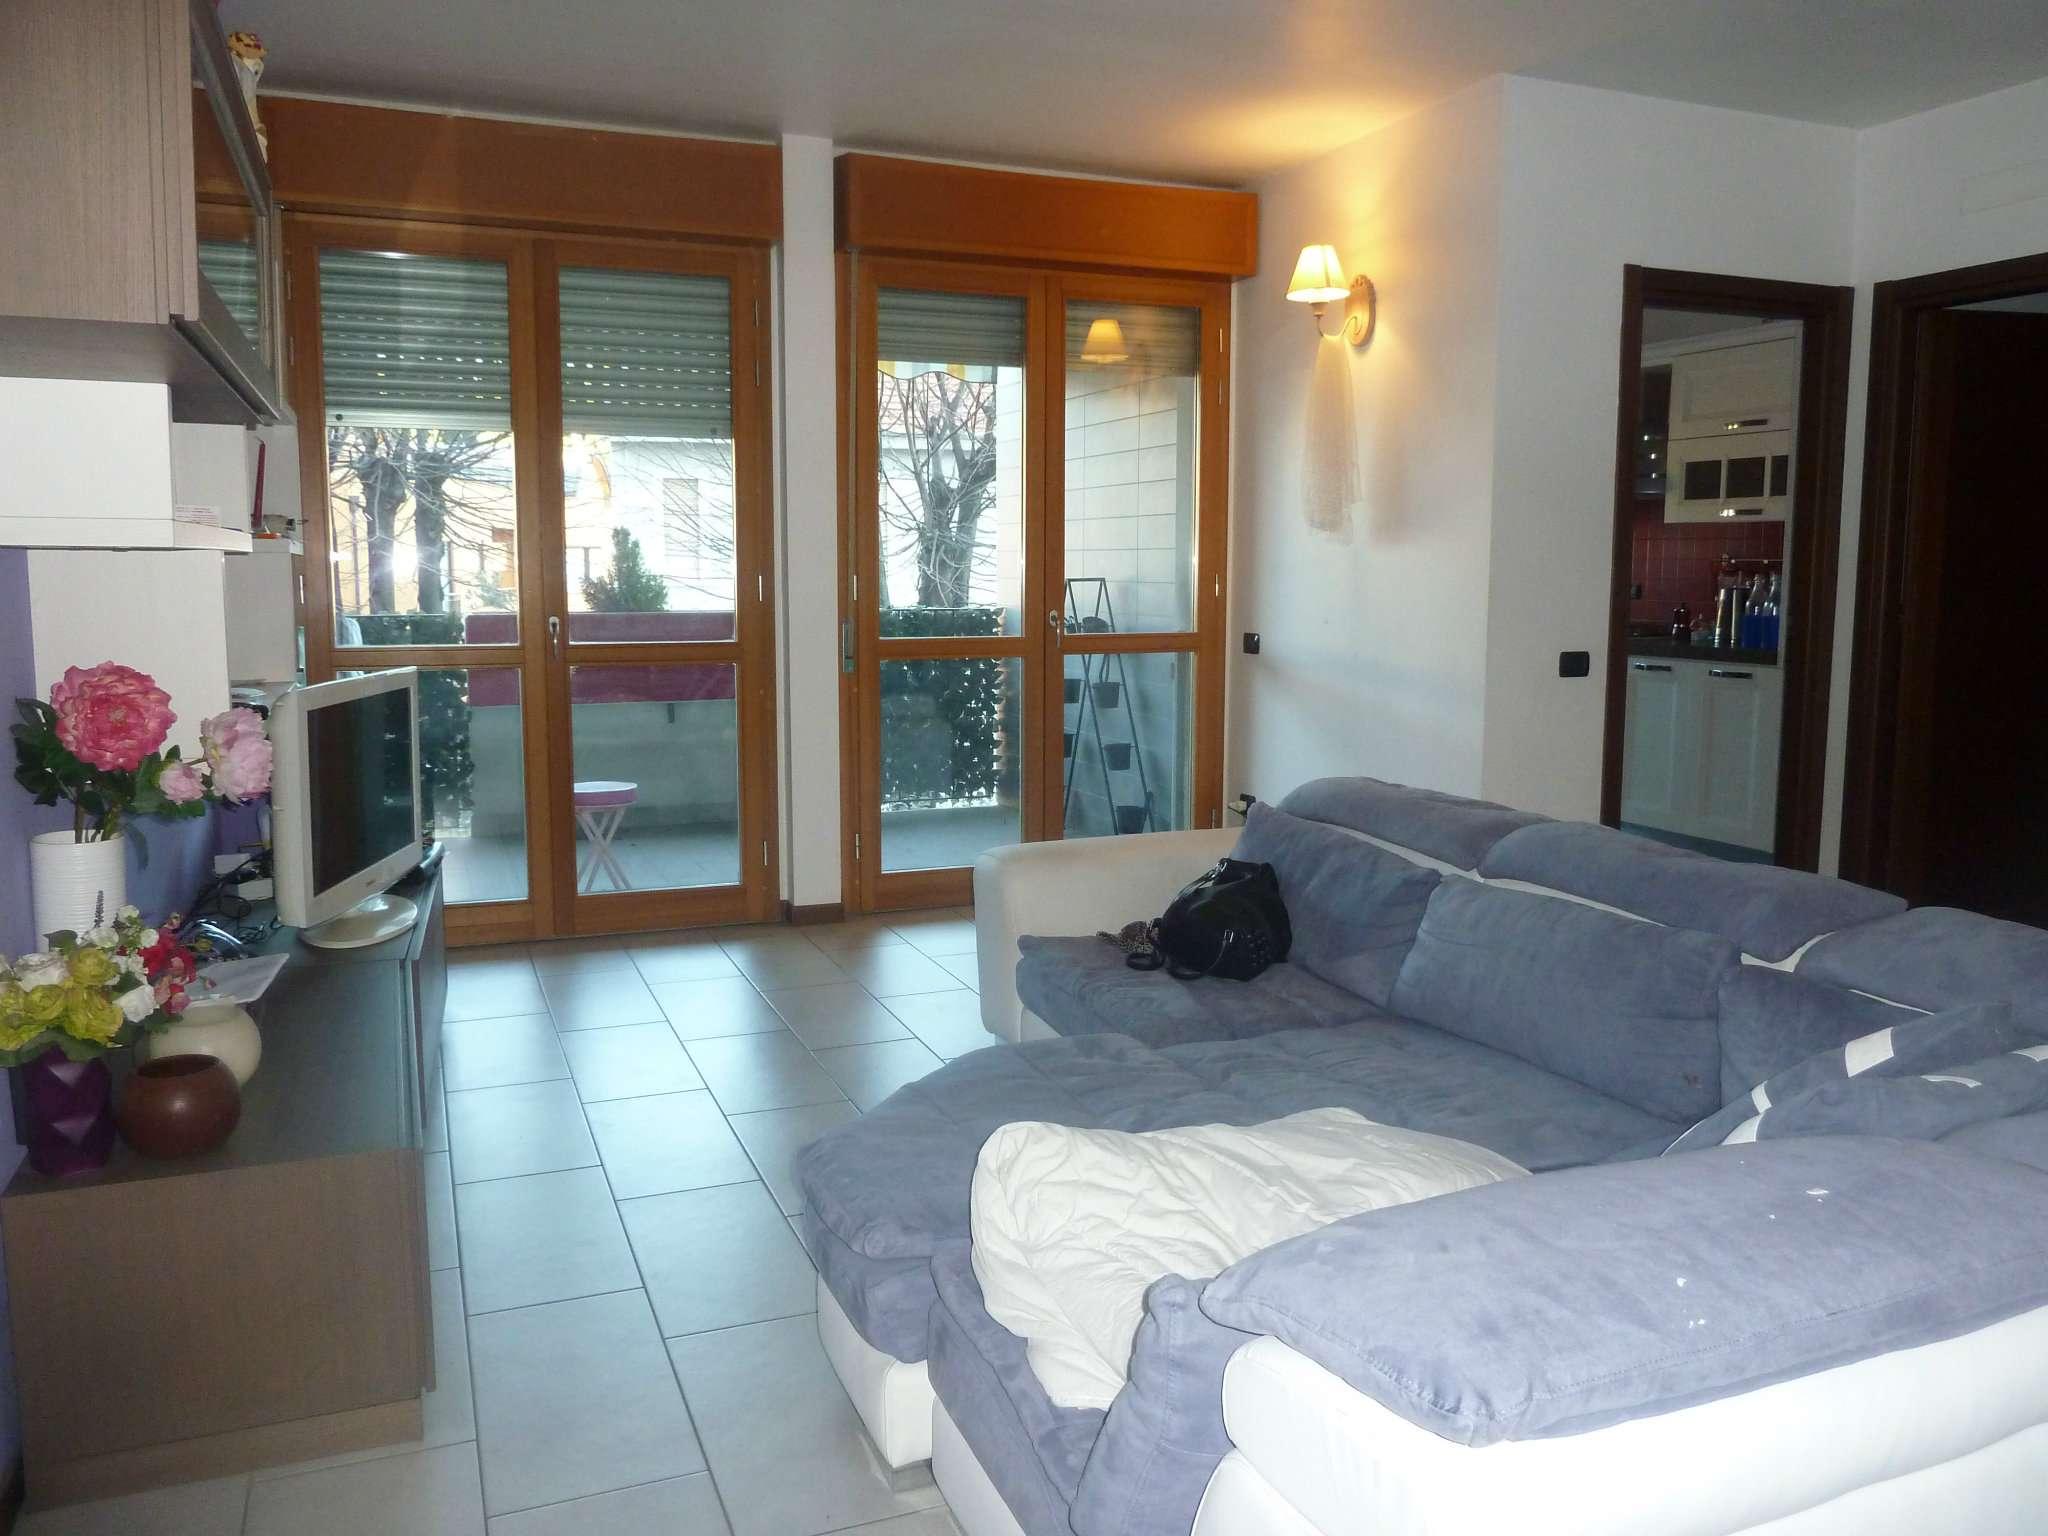 Appartamento in vendita a Gerenzano, 3 locali, prezzo € 162.000 | Cambio Casa.it